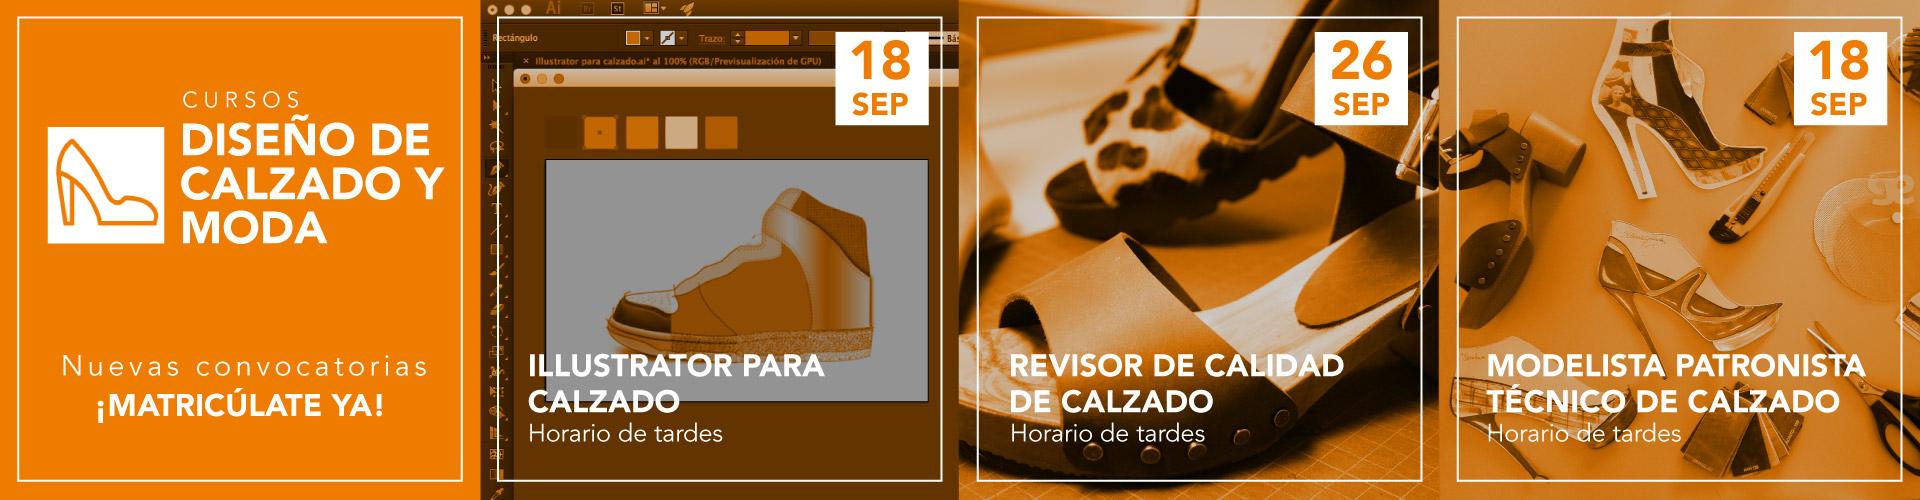 Curso Diseño gráfico y Diseño web. Además, marketing on line. Cursos de calzado.